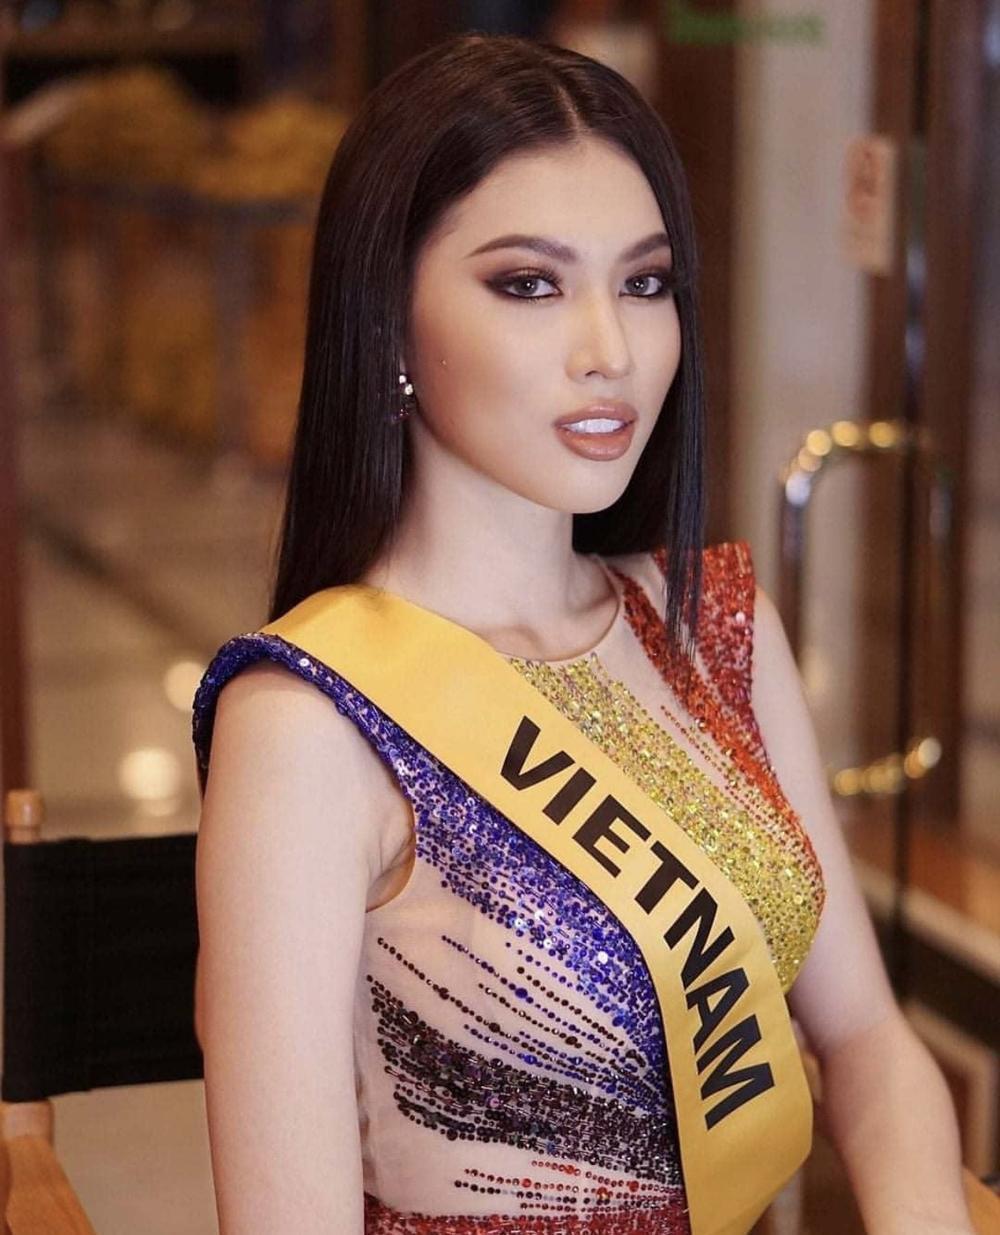 Hành trình lọt Top 20 của Ngọc Thảo: Nàng hậu 21 tuổi bản lĩnh chinh phục Miss Grand giữa mùa dịch! Ảnh 12